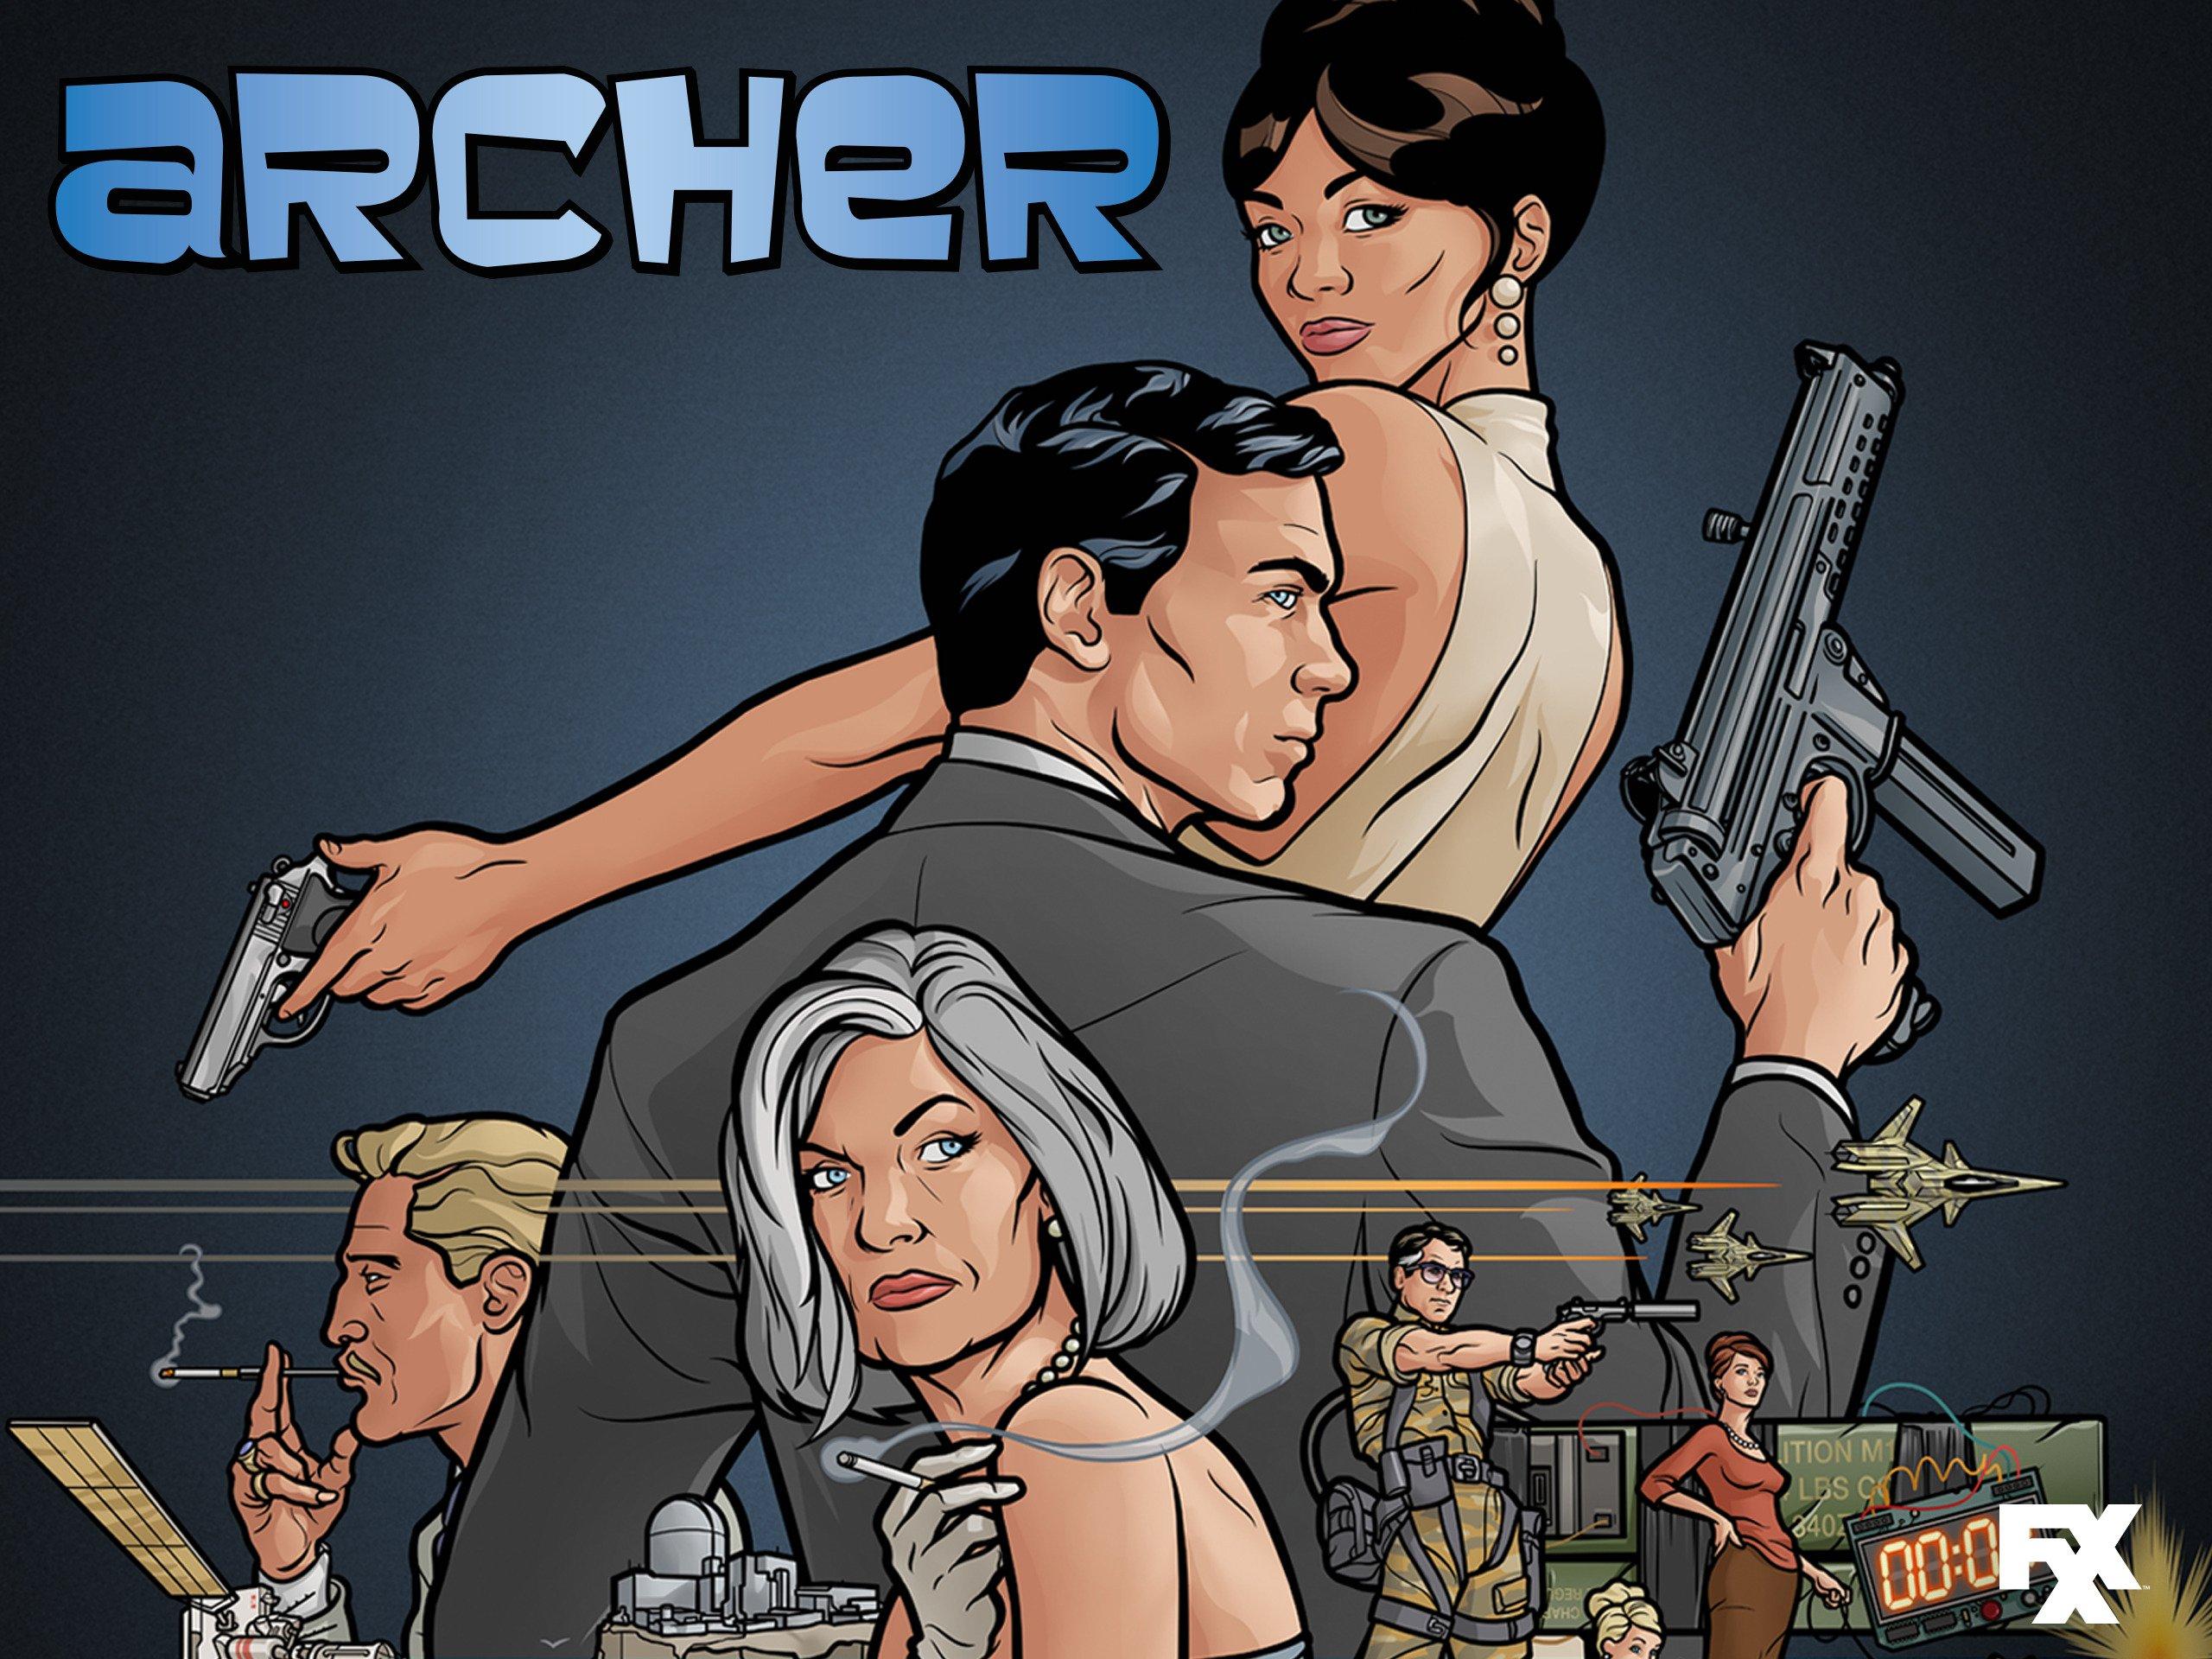 Archer pam hook up